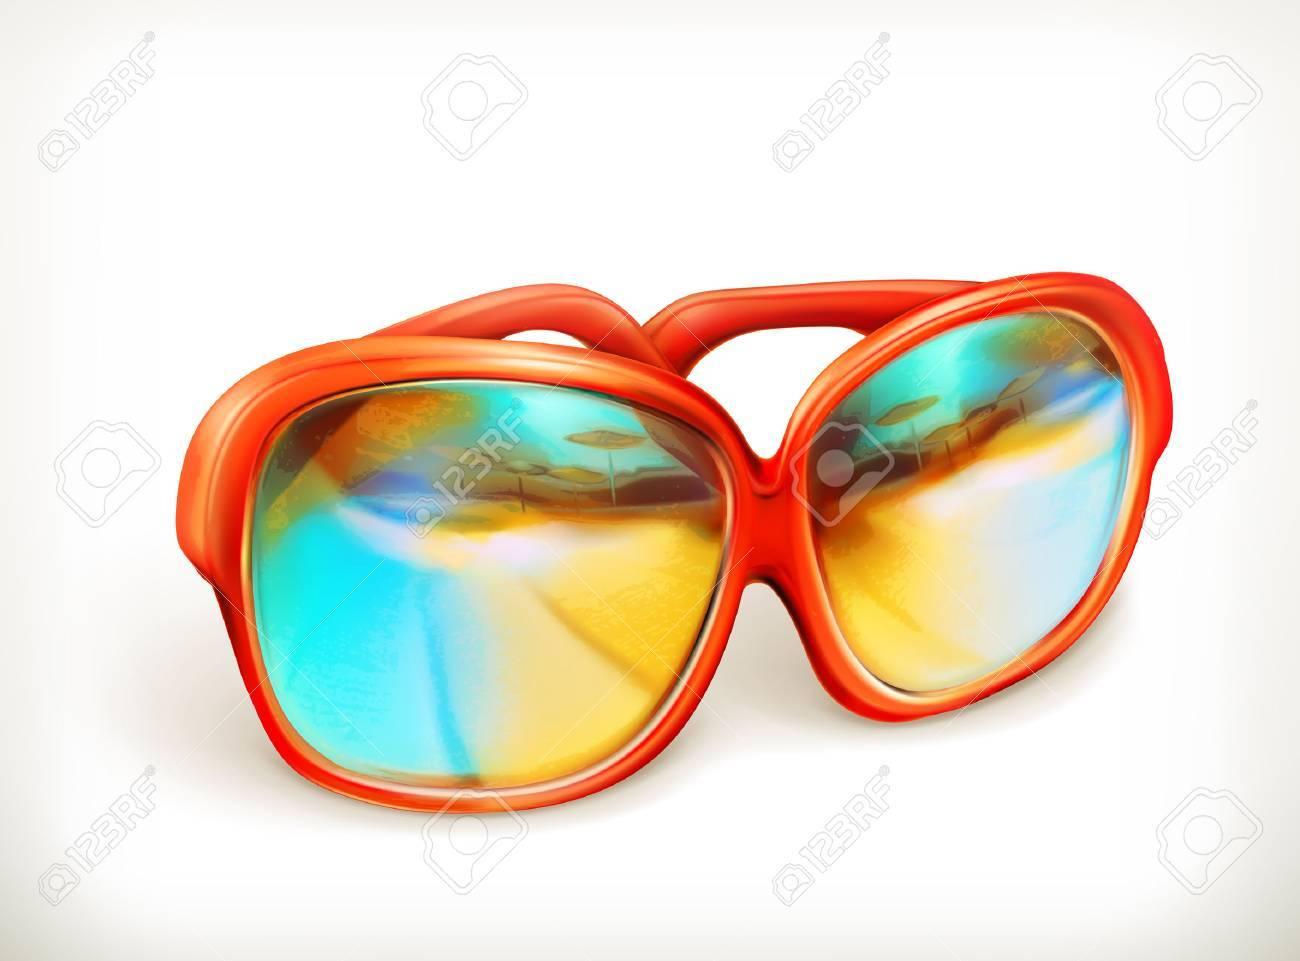 Sunglasses, vector icon Stock Vector - 41233938